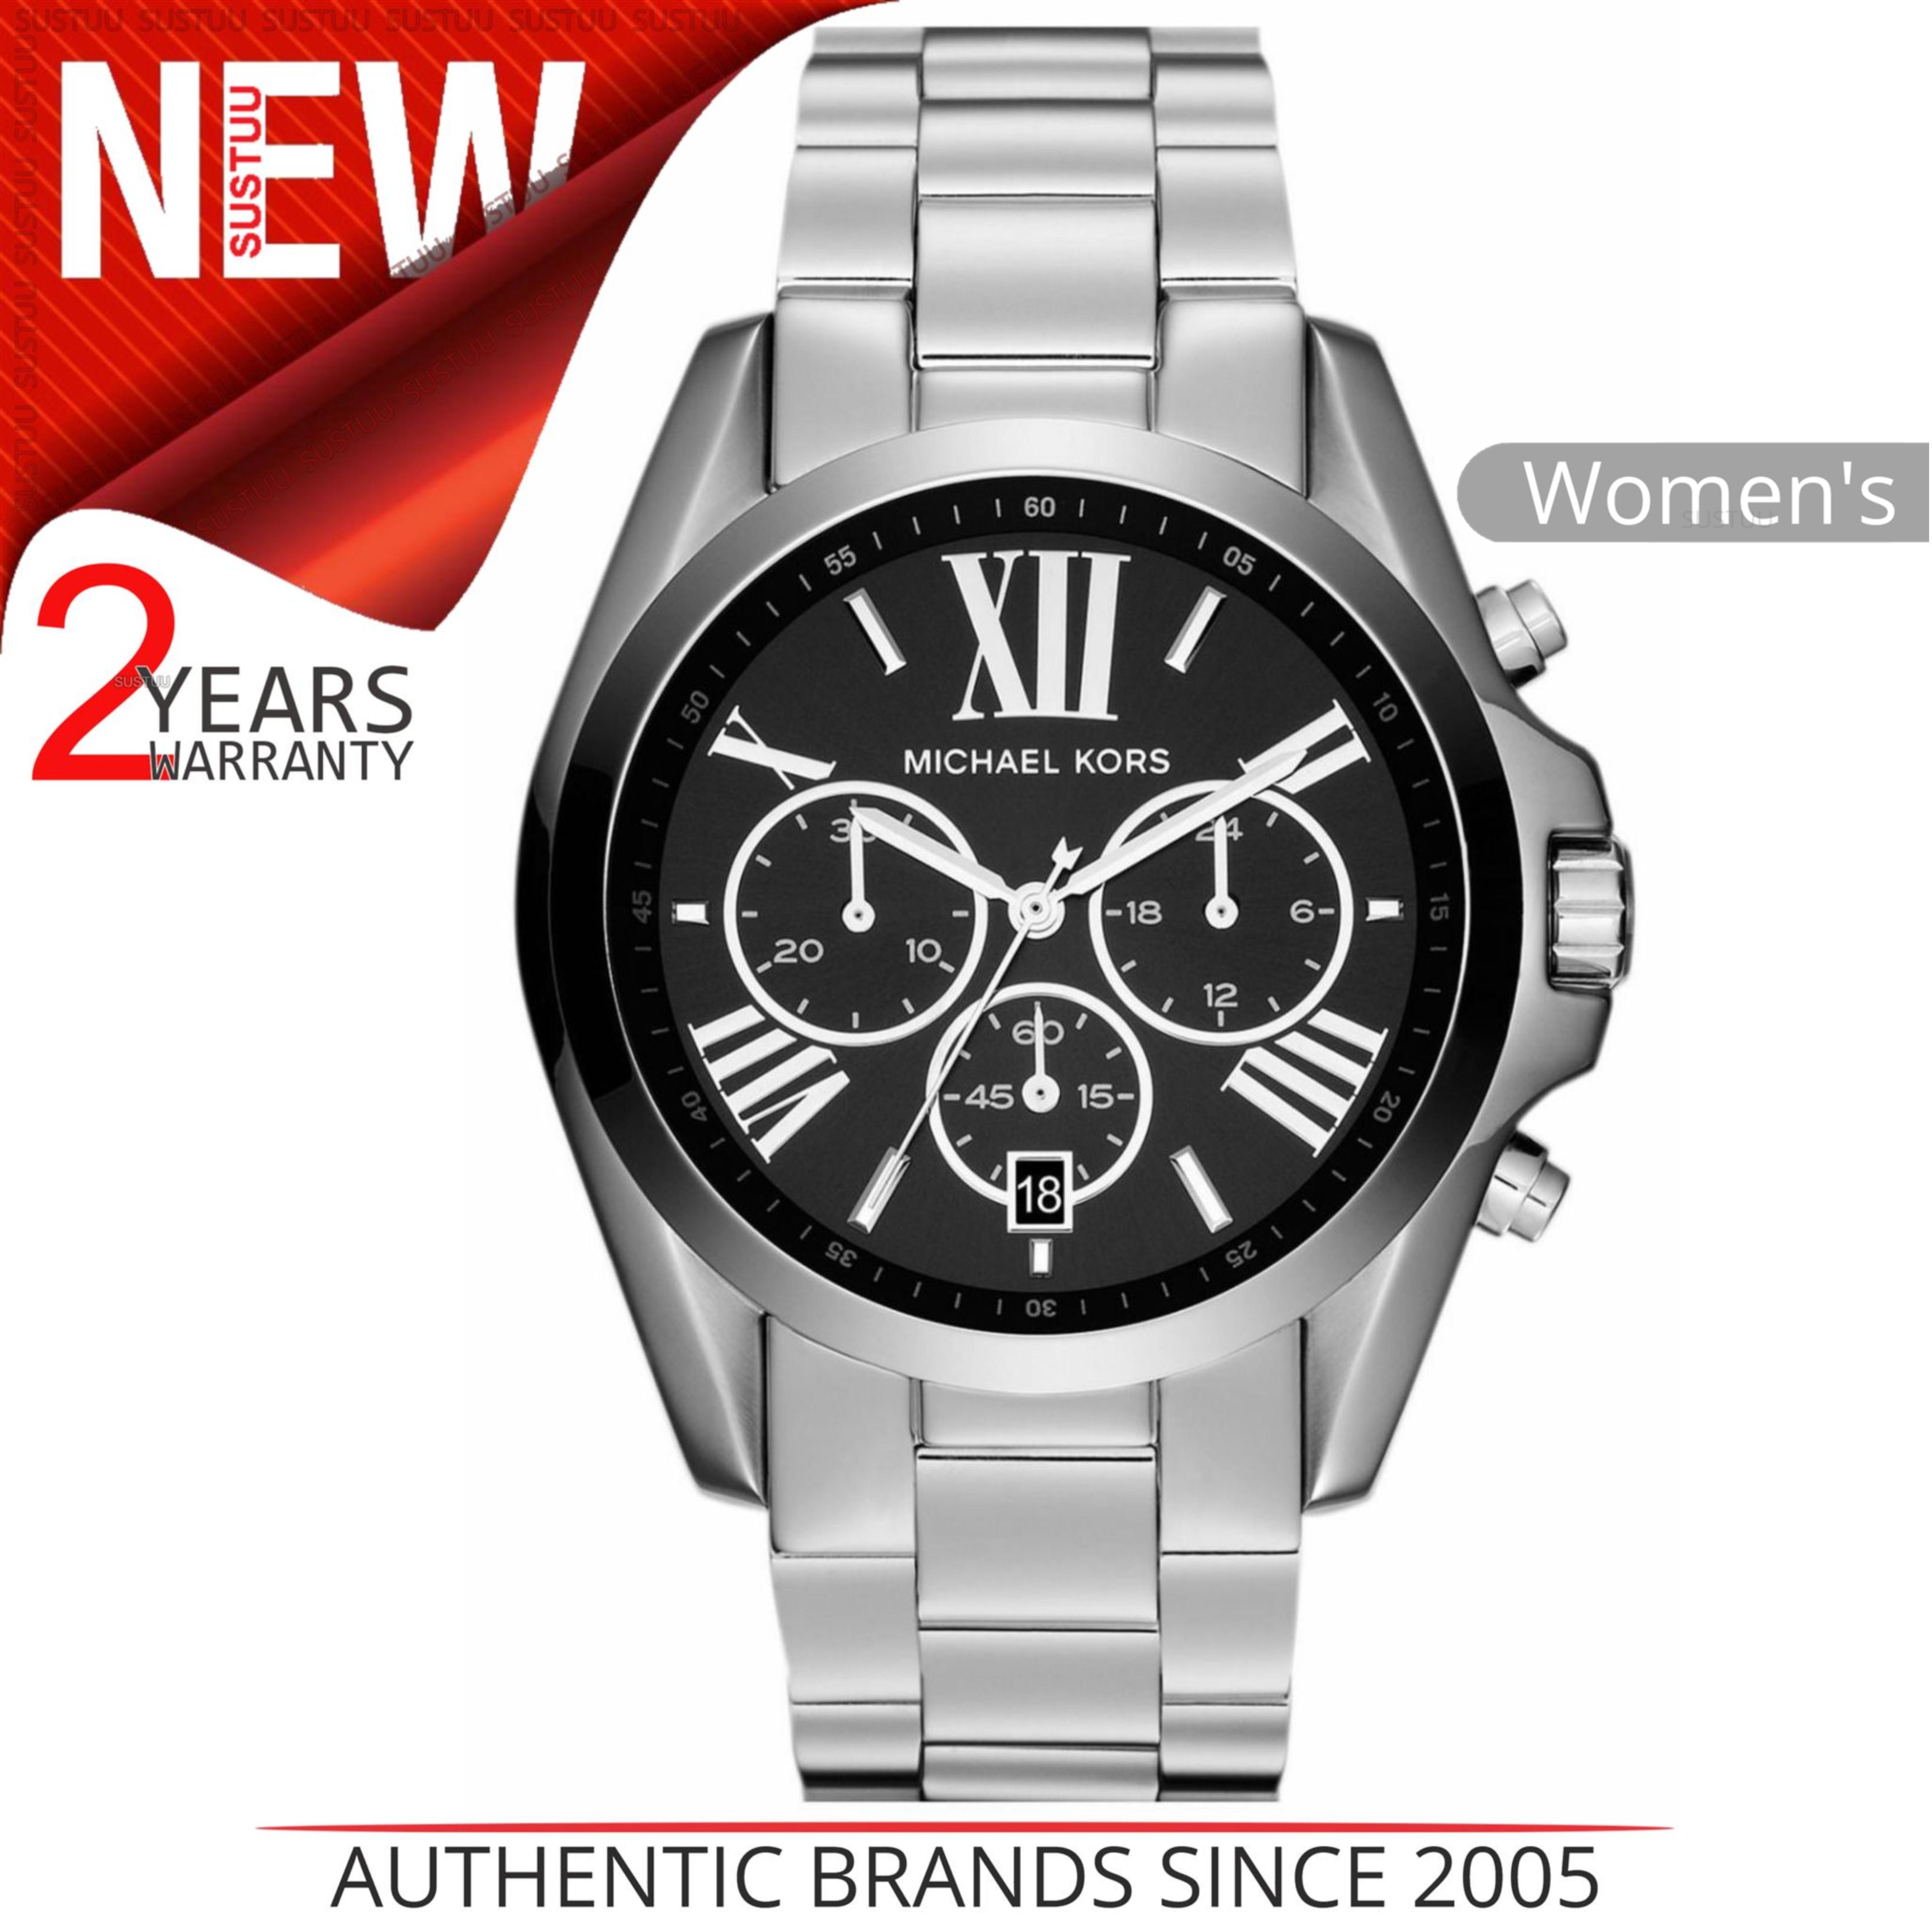 a8984cc8a4 SENTINEL Michael Kors Bradshaw Ladies Watch MK5705│Black Chronograph  Dial│Bracelet Band